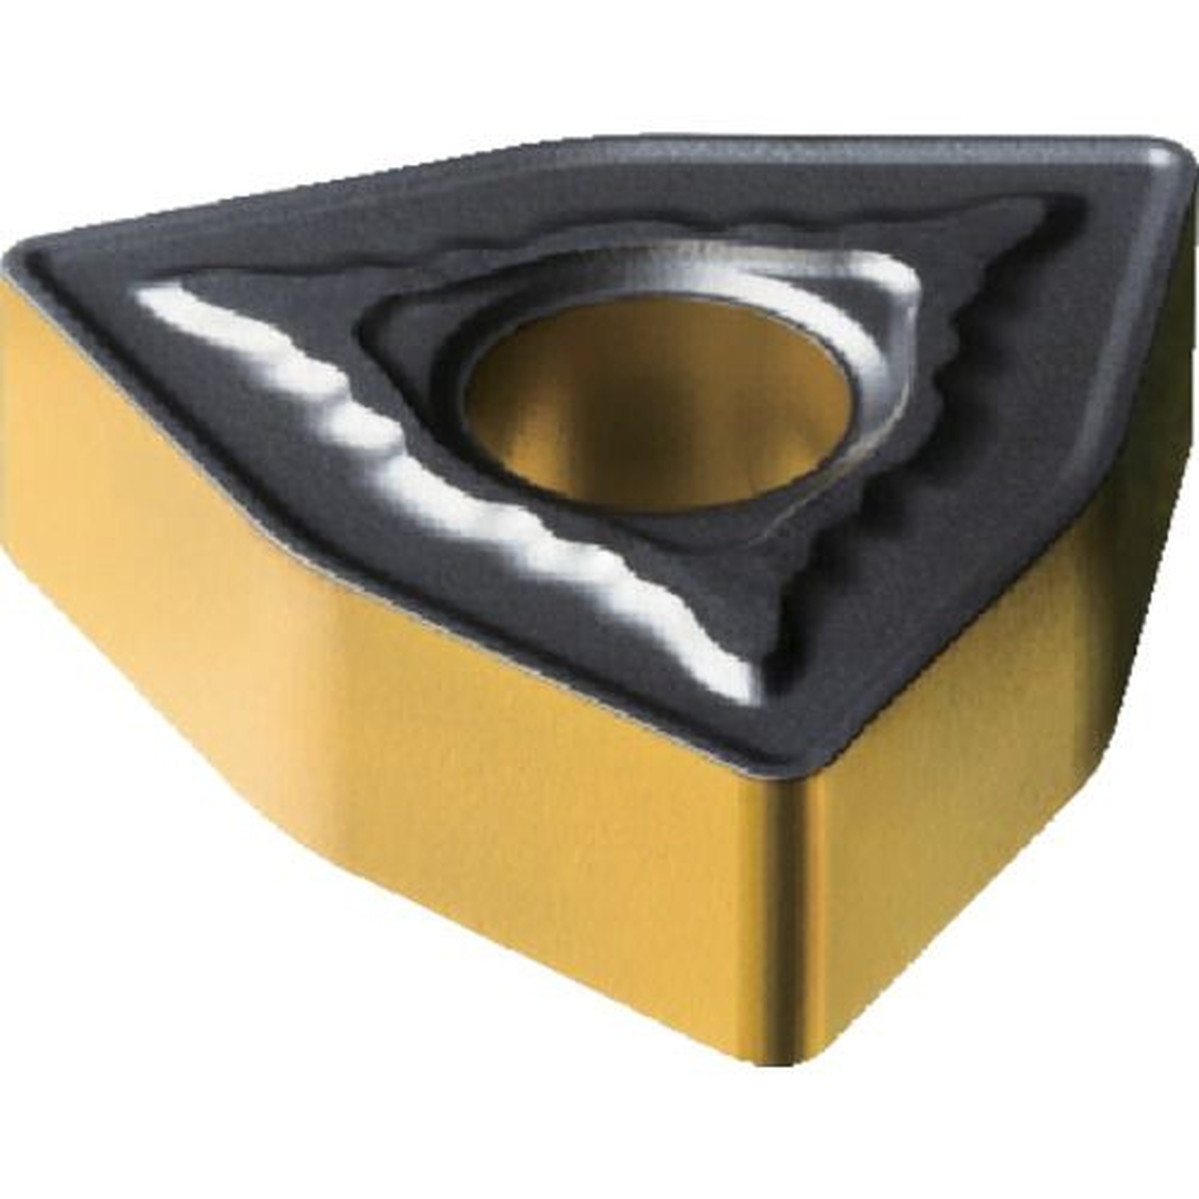 最高の品質 サンドビック T-MaxP 4335 チップ 10個 4335 サンドビック 10個, 軸受ショップ:820cea7c --- lebronjamesshoes.com.co